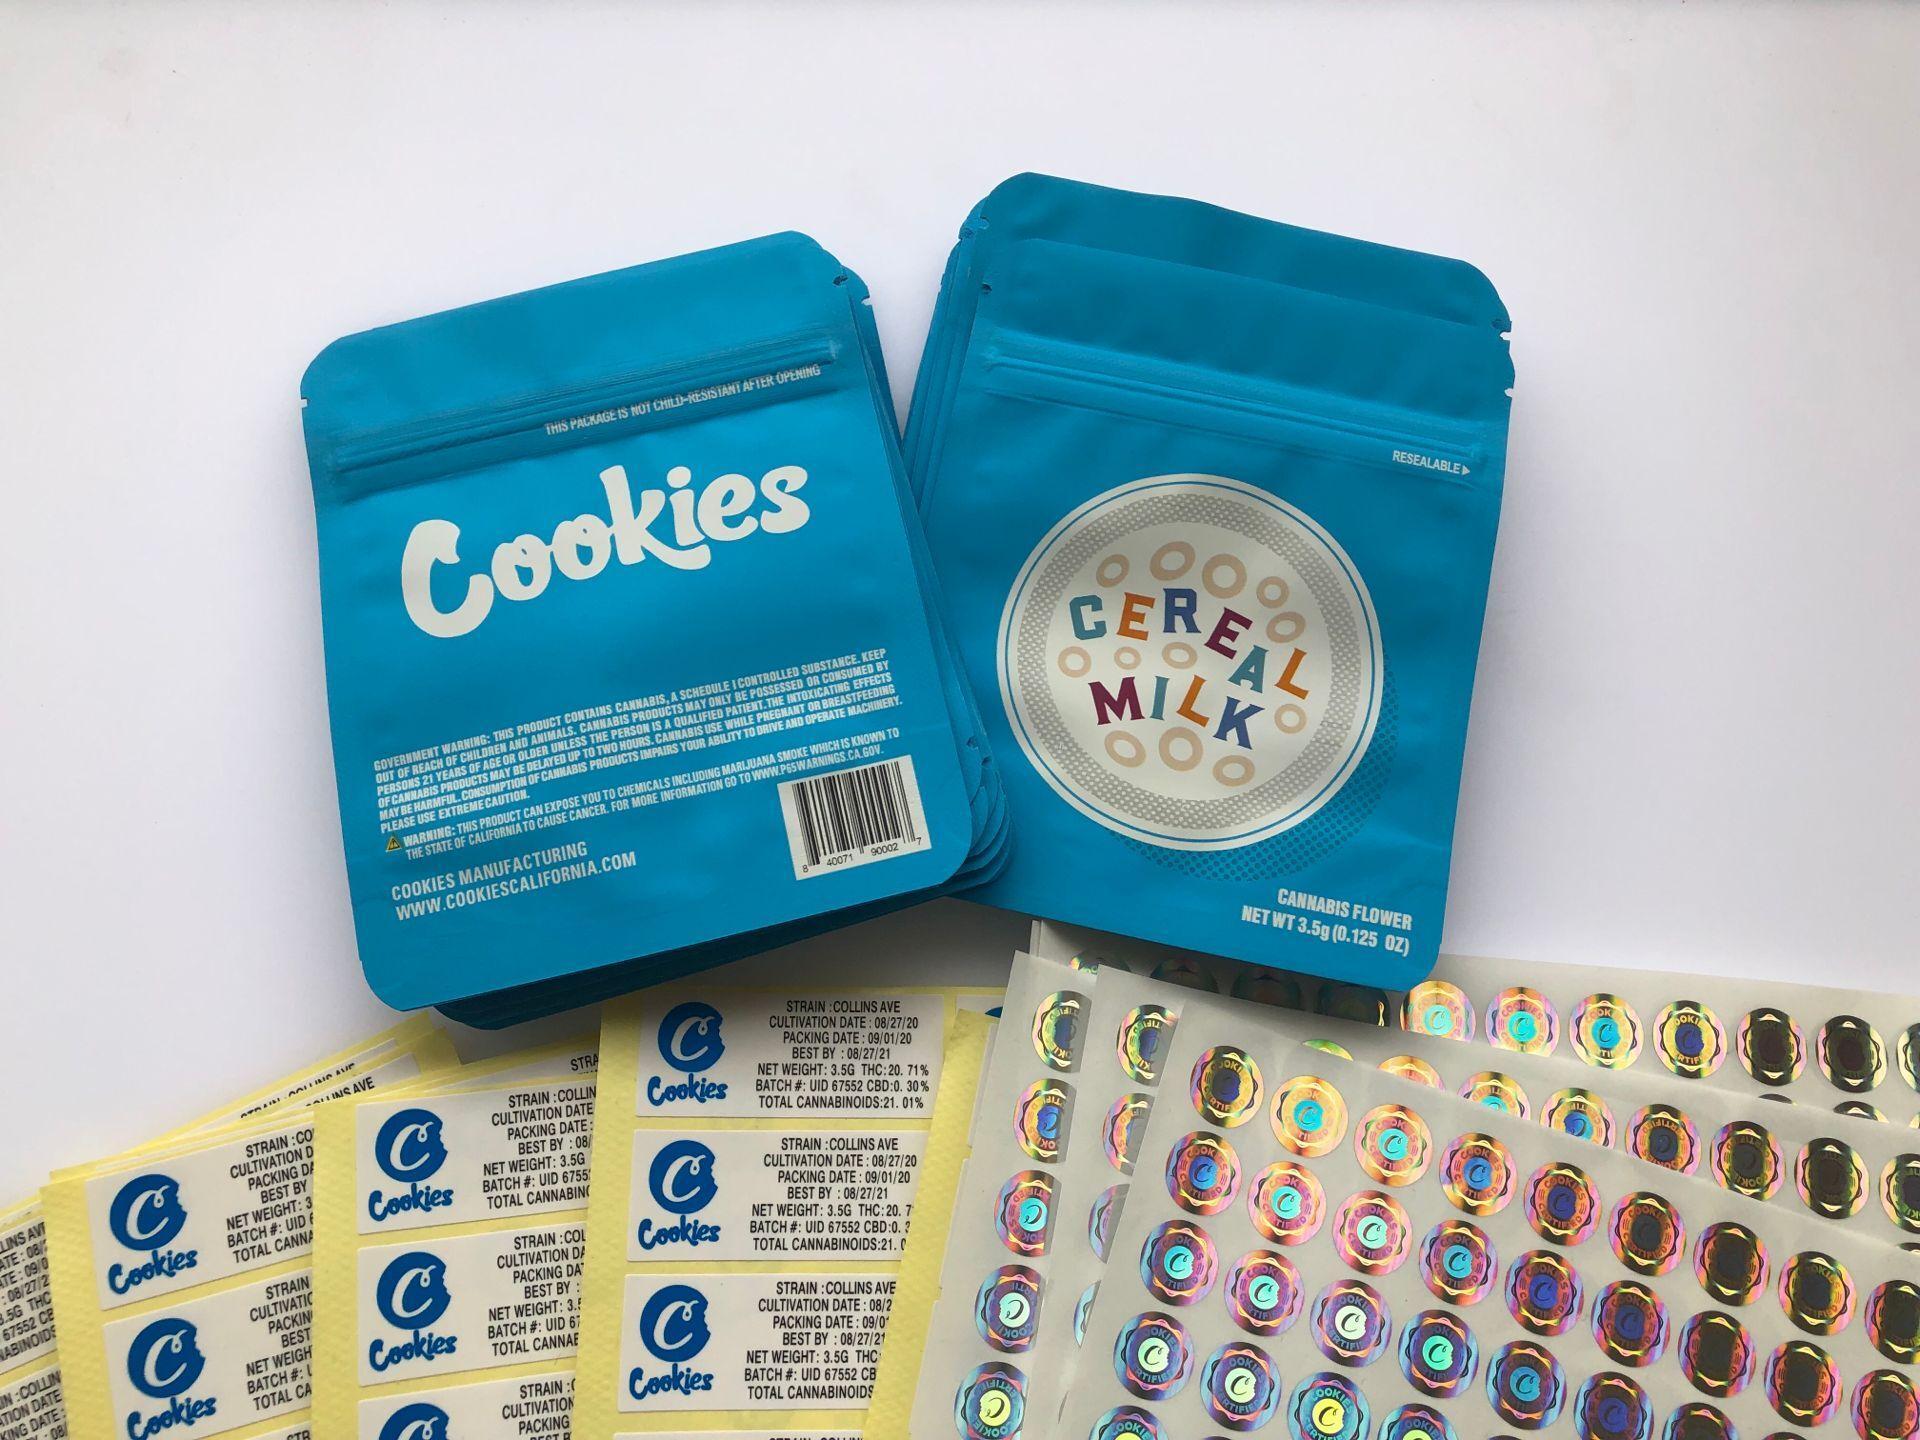 Blaue Kekse und Label Hologramm Mylar 3.5g Aufkleber Bdebaby Aromen Verpackung Edibles Cerel Cerel Kalifornien Milchbeutel Bbyqi Taschen Jkidk